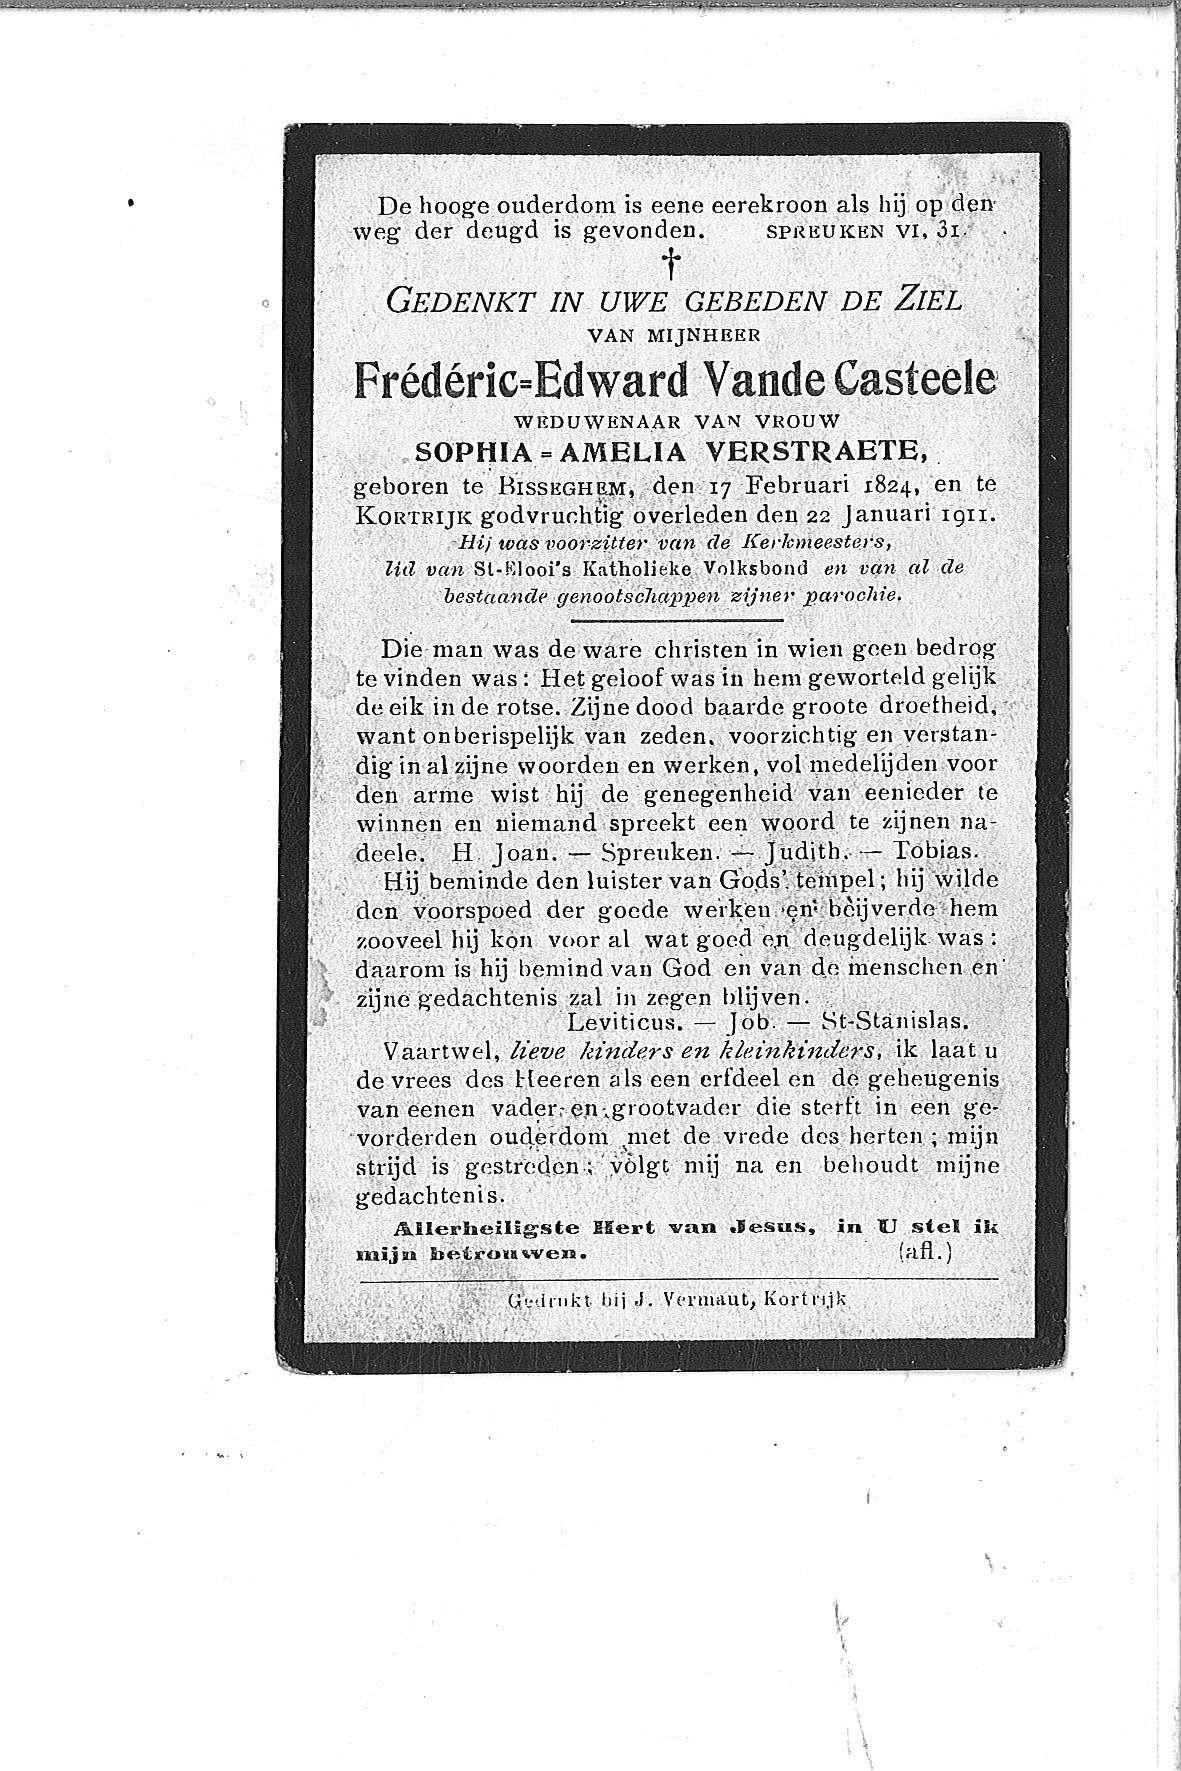 Frédéric-Edward(1911)20140113111440_00067.jpg